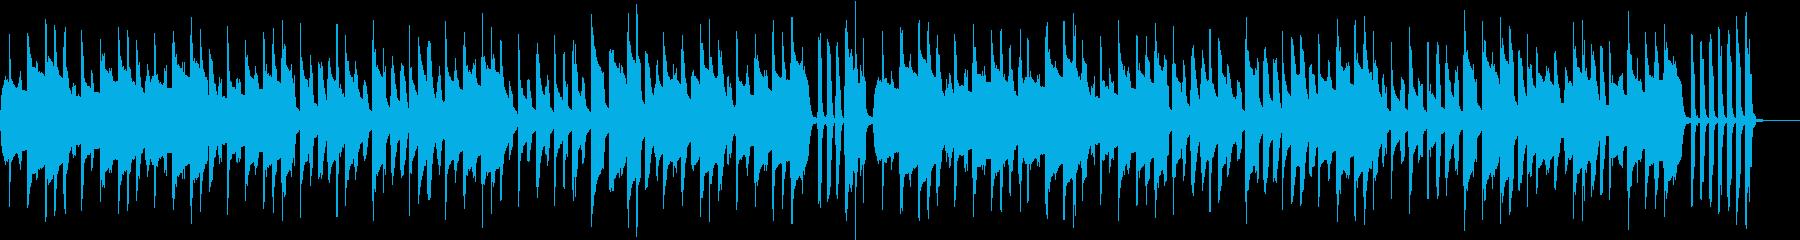 ほのぼのアニメ 日常系楽曲の再生済みの波形